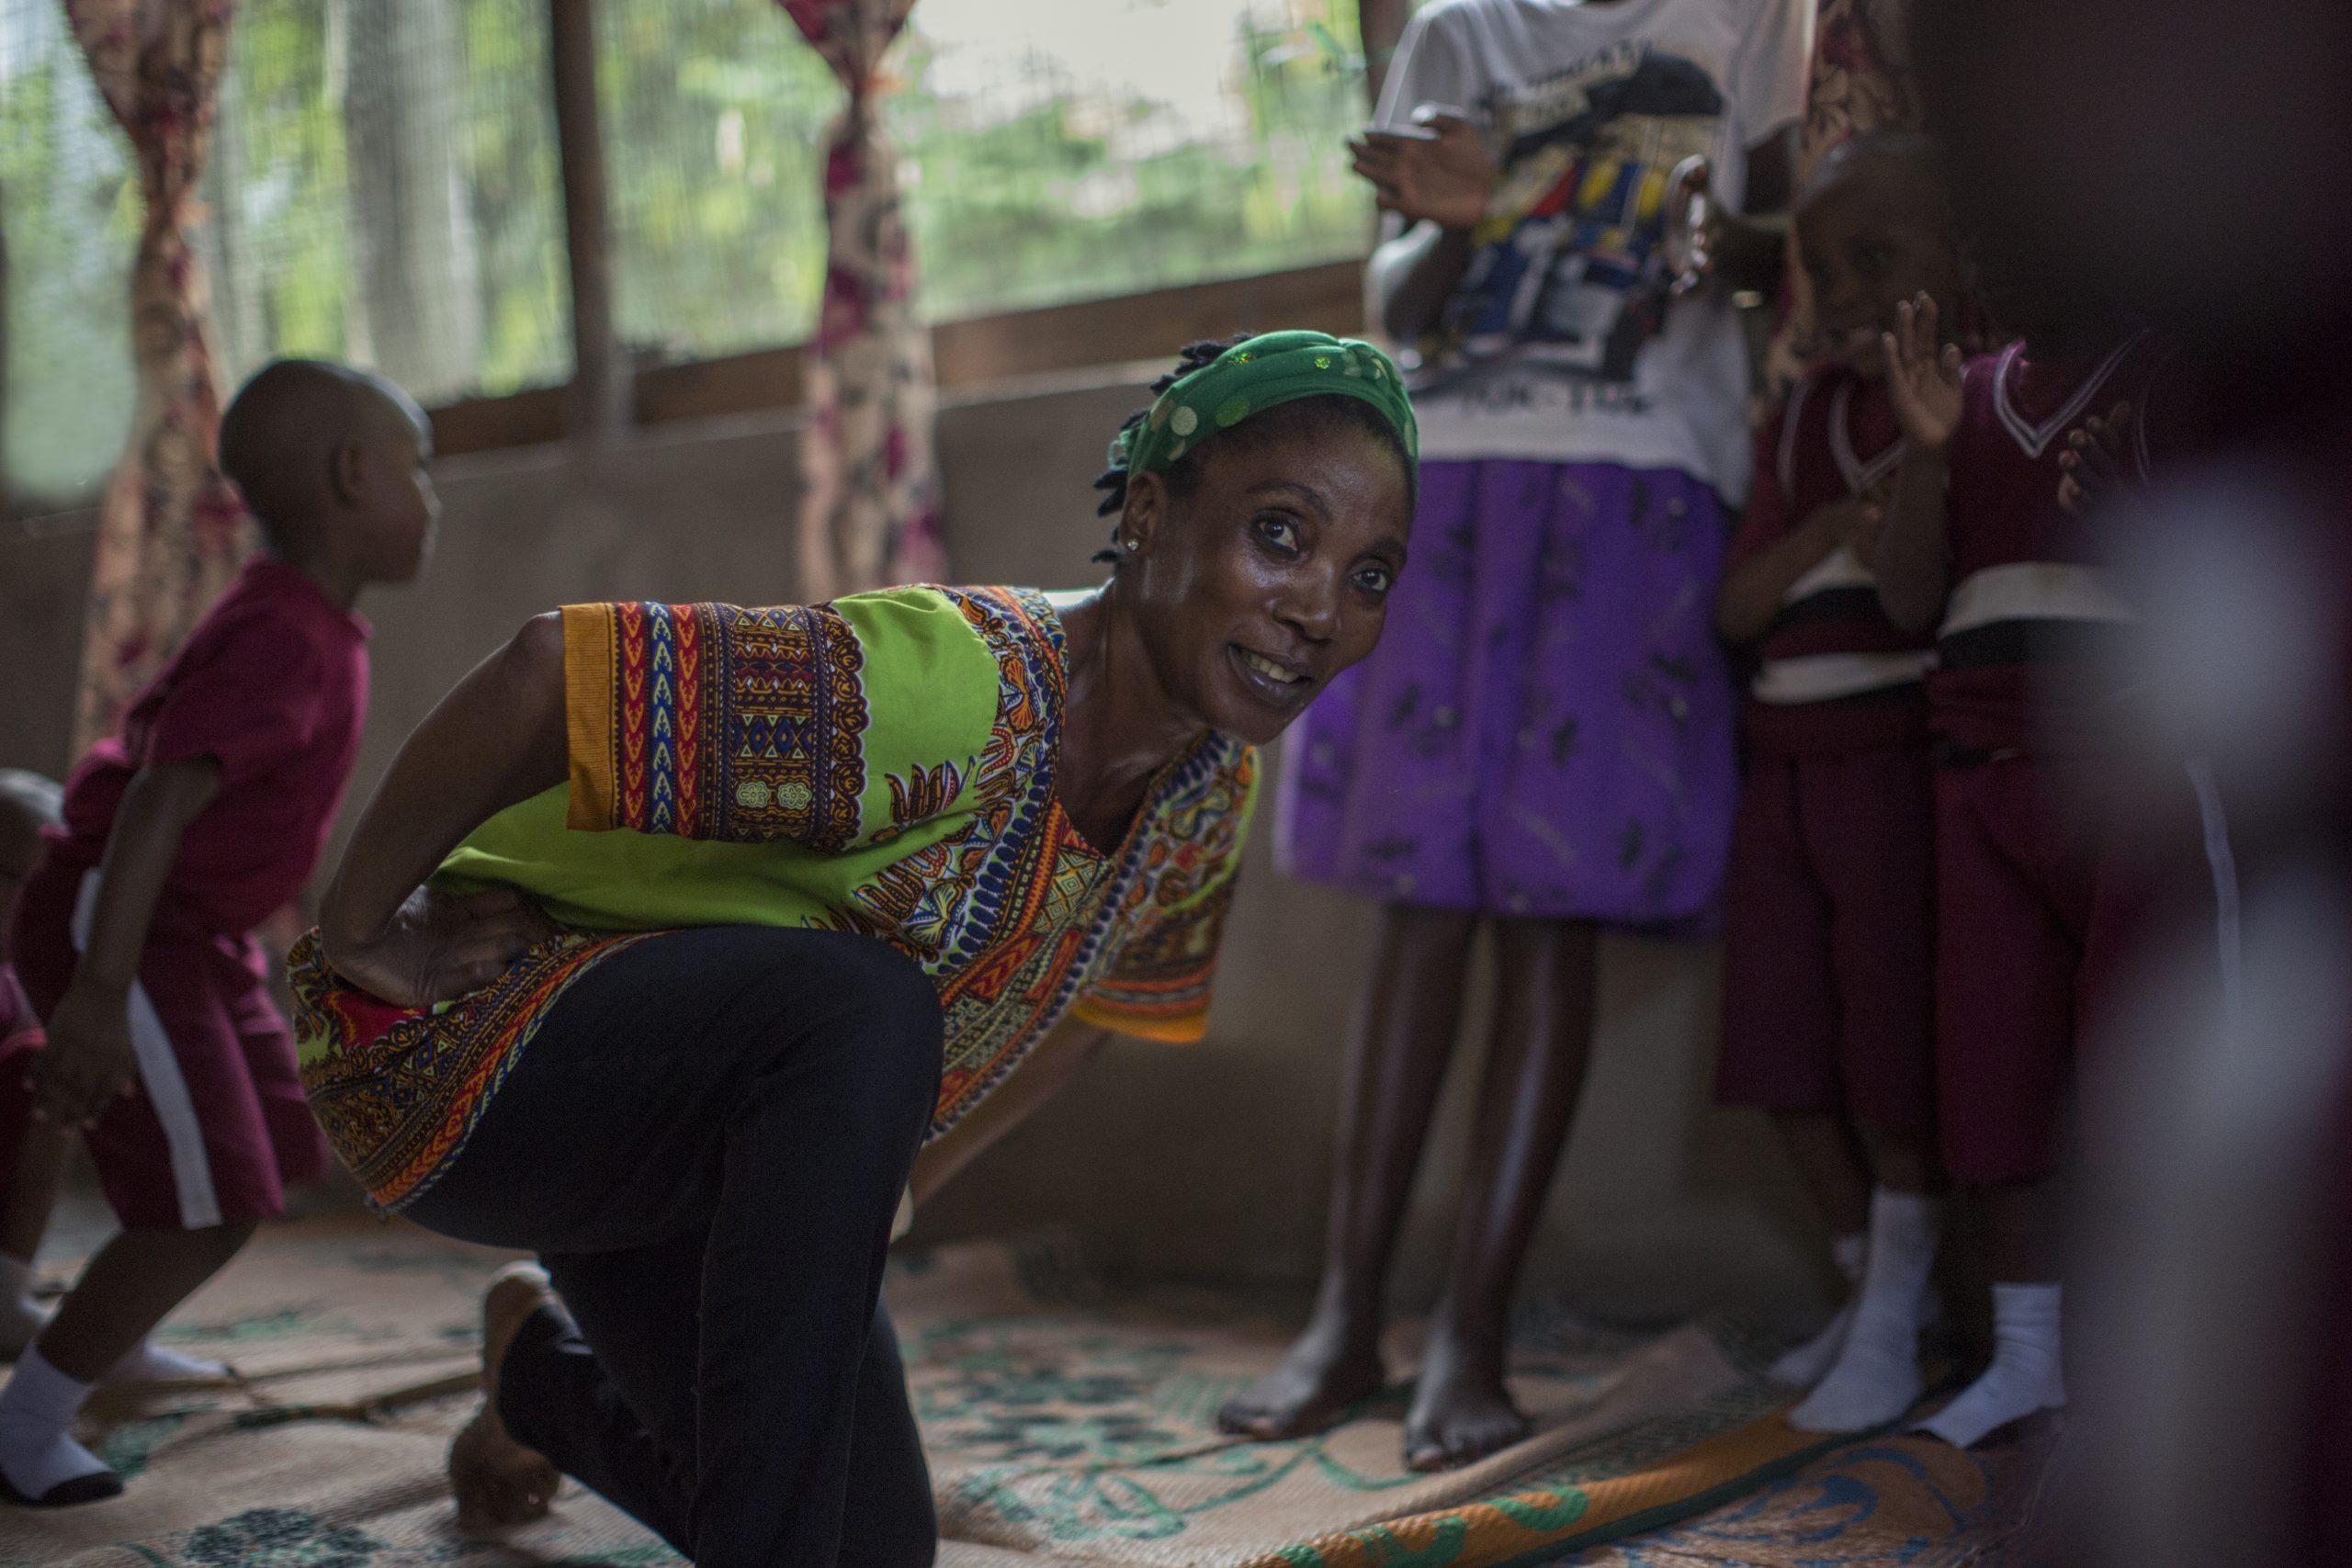 Nindi sitter på huk i en grön tunika och leker med barnen på hennes förskola